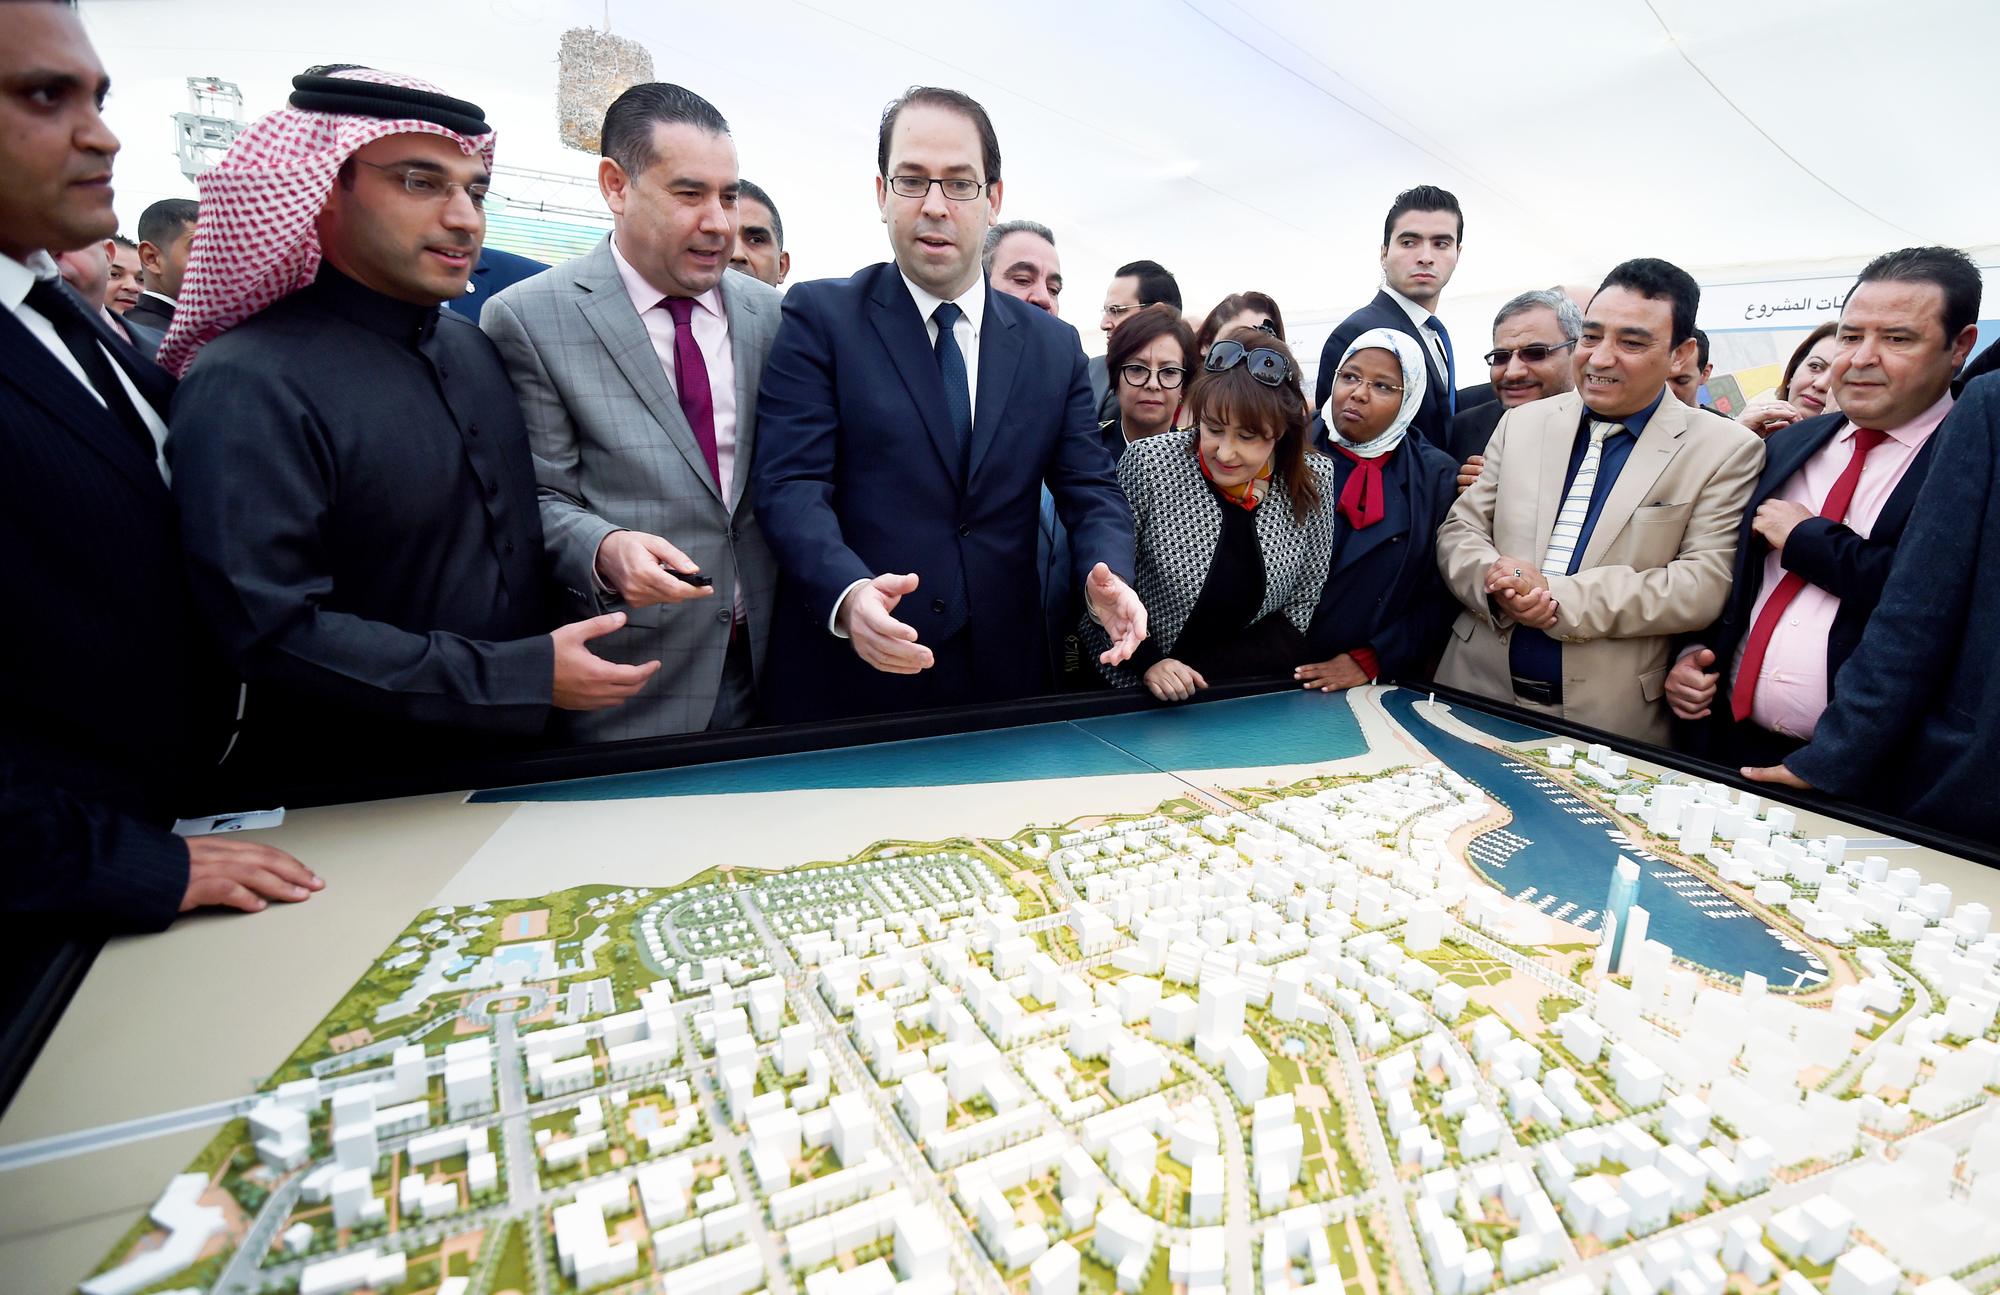 Le Premier ministre Youssef Chahed devant une maquette du Port financier de Tunis, un mégaprojet de 3milliards de dollars, le 27novembre 2016.